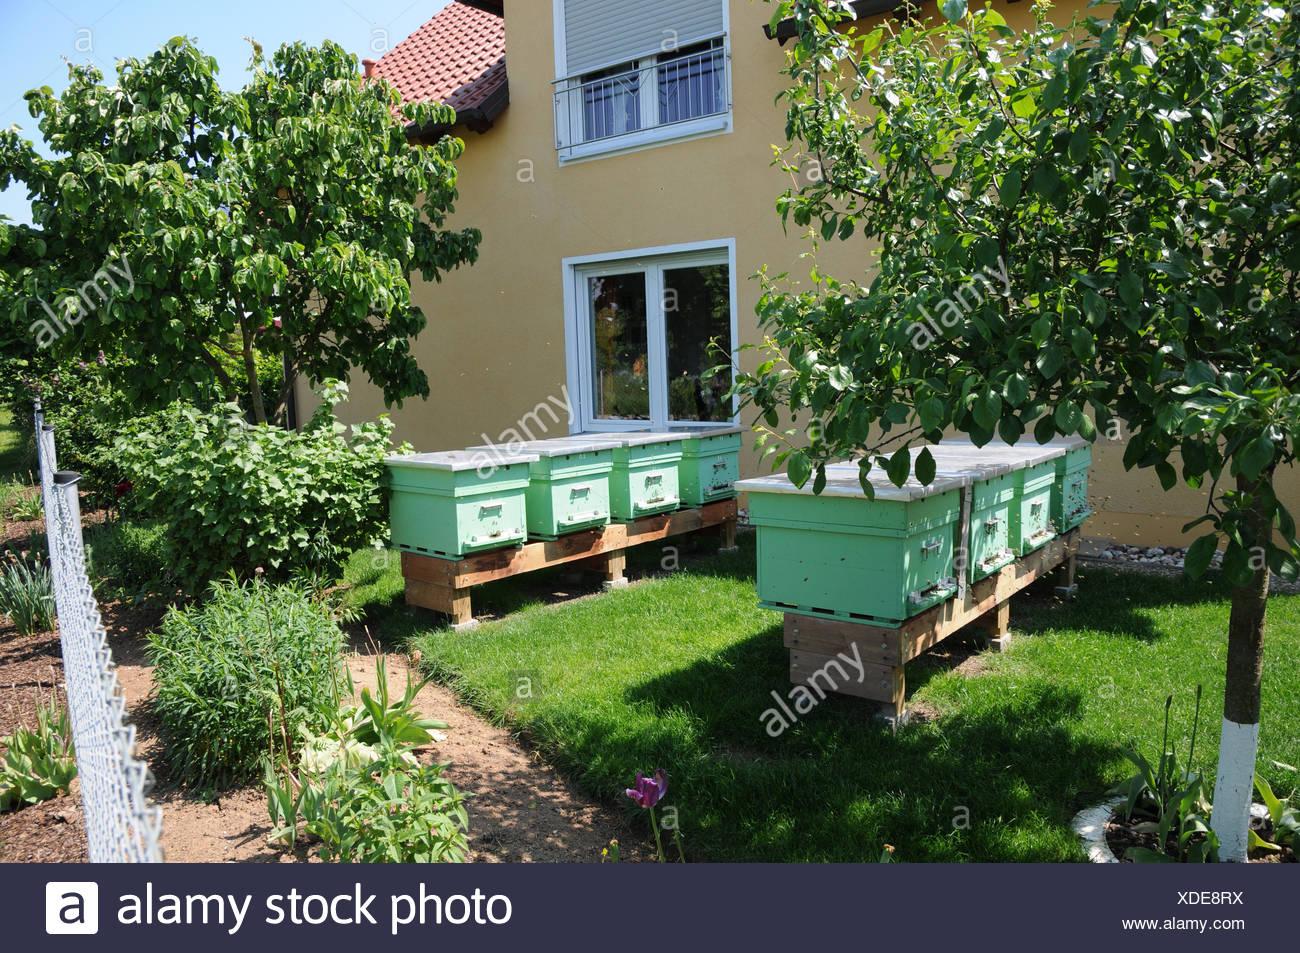 Beehives in garden - Stock Image